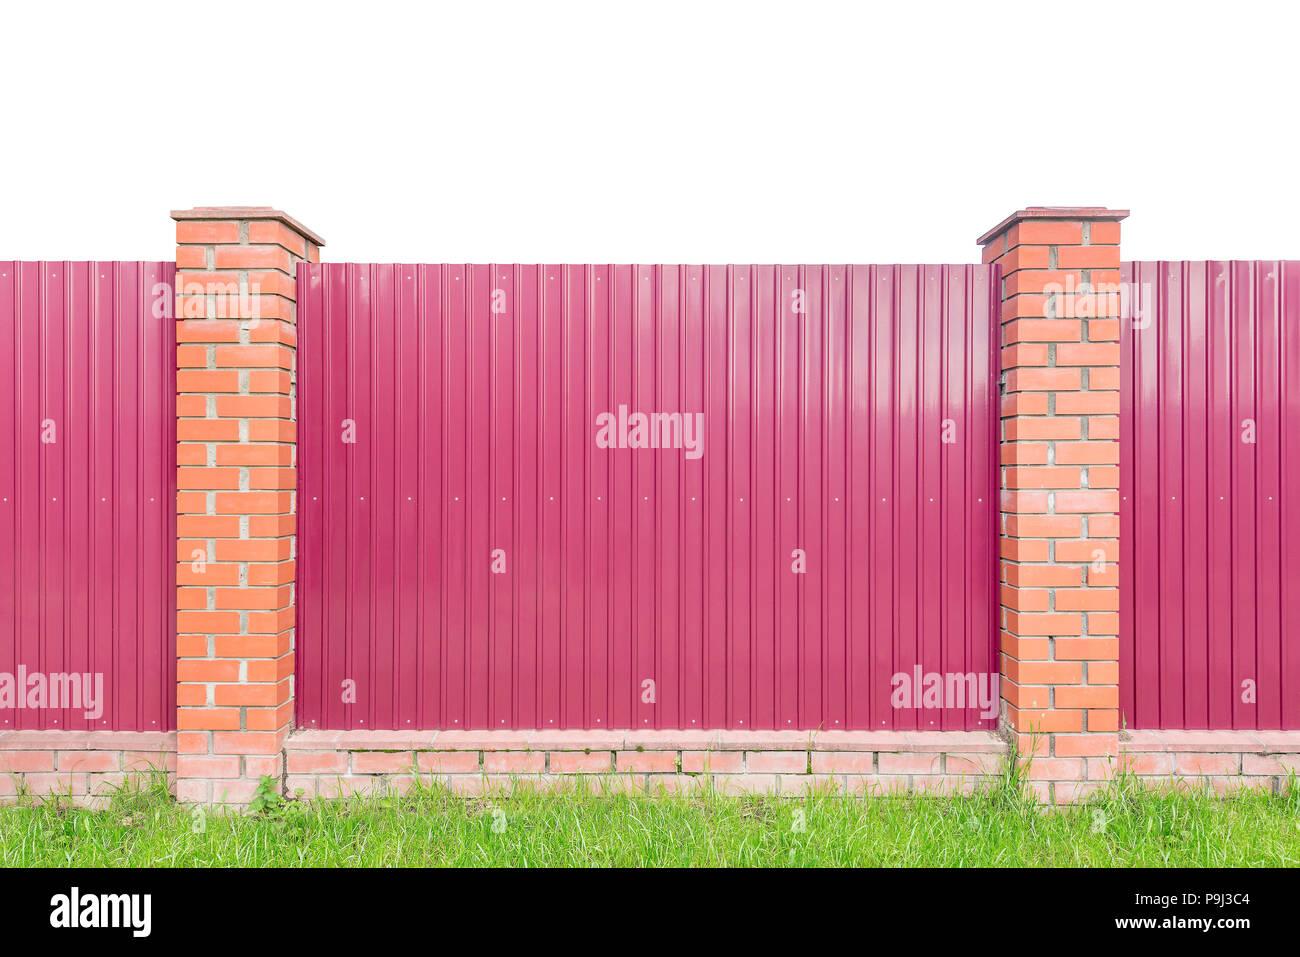 Metall Zaun Von Der Strasse Auf Weiss Isoliert Stockfoto Bild